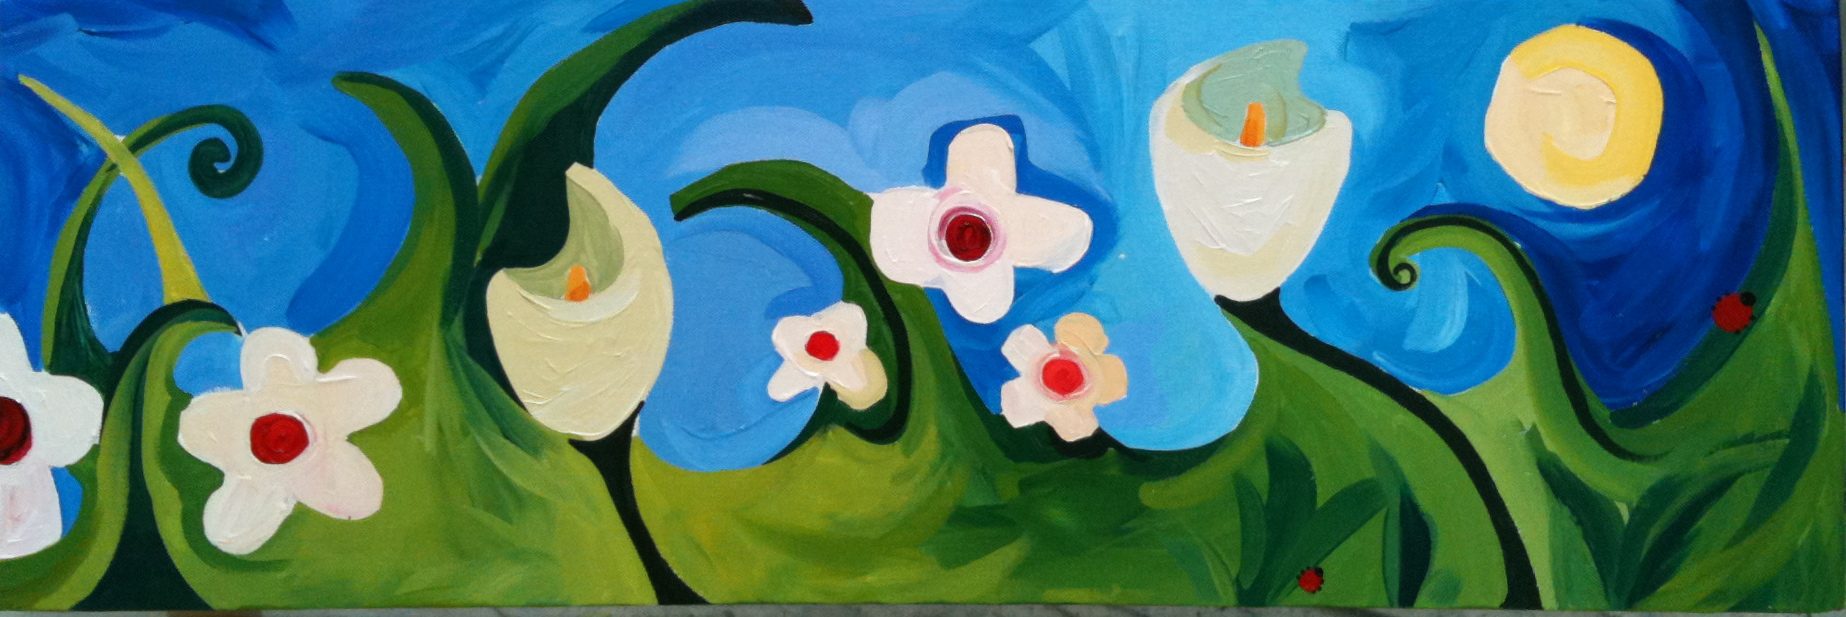 Flowers for Sofia